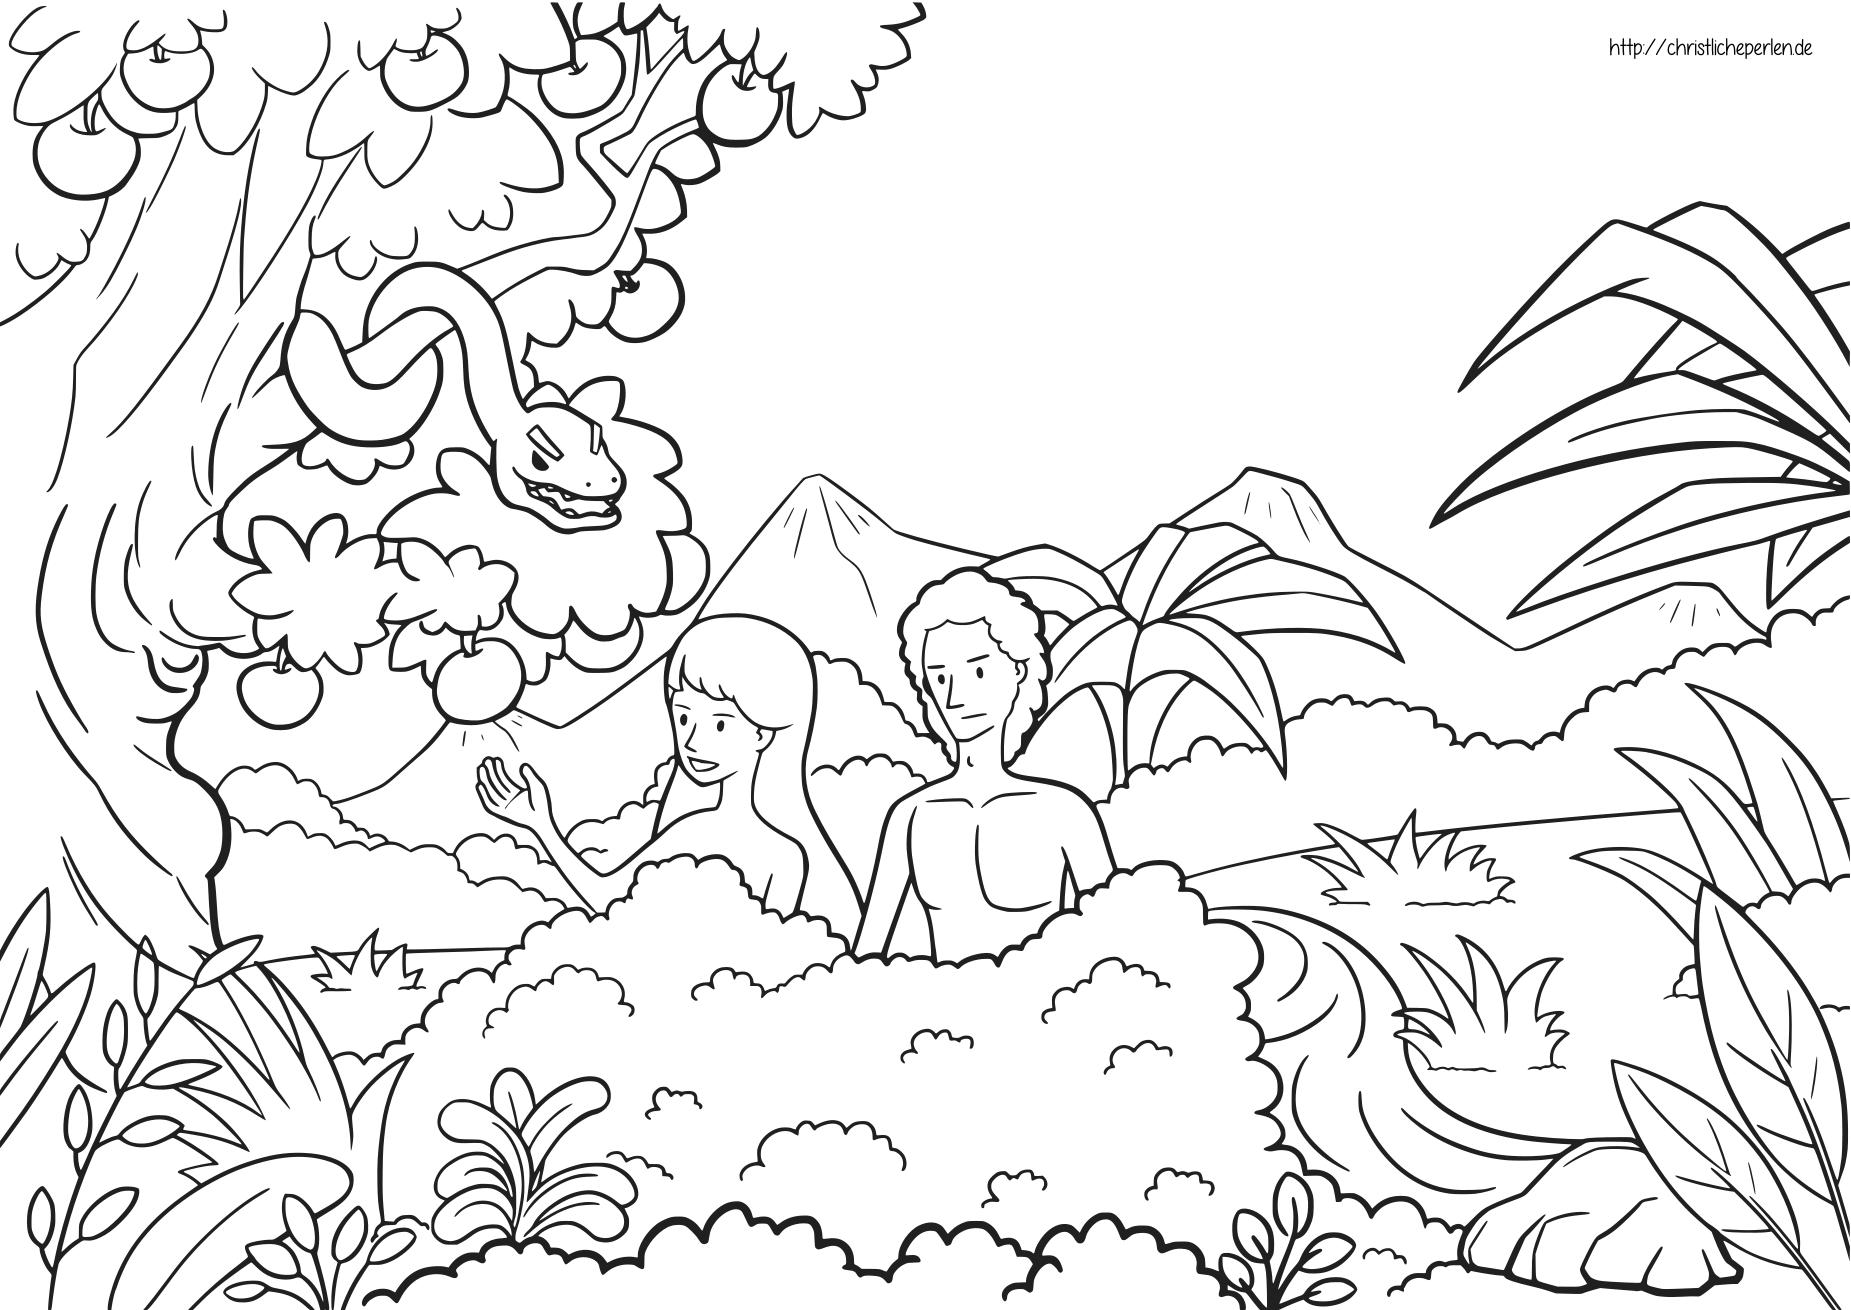 Adam und Eva ausmalen / Adam and Eve Coloring Pages | Christliche Perlen